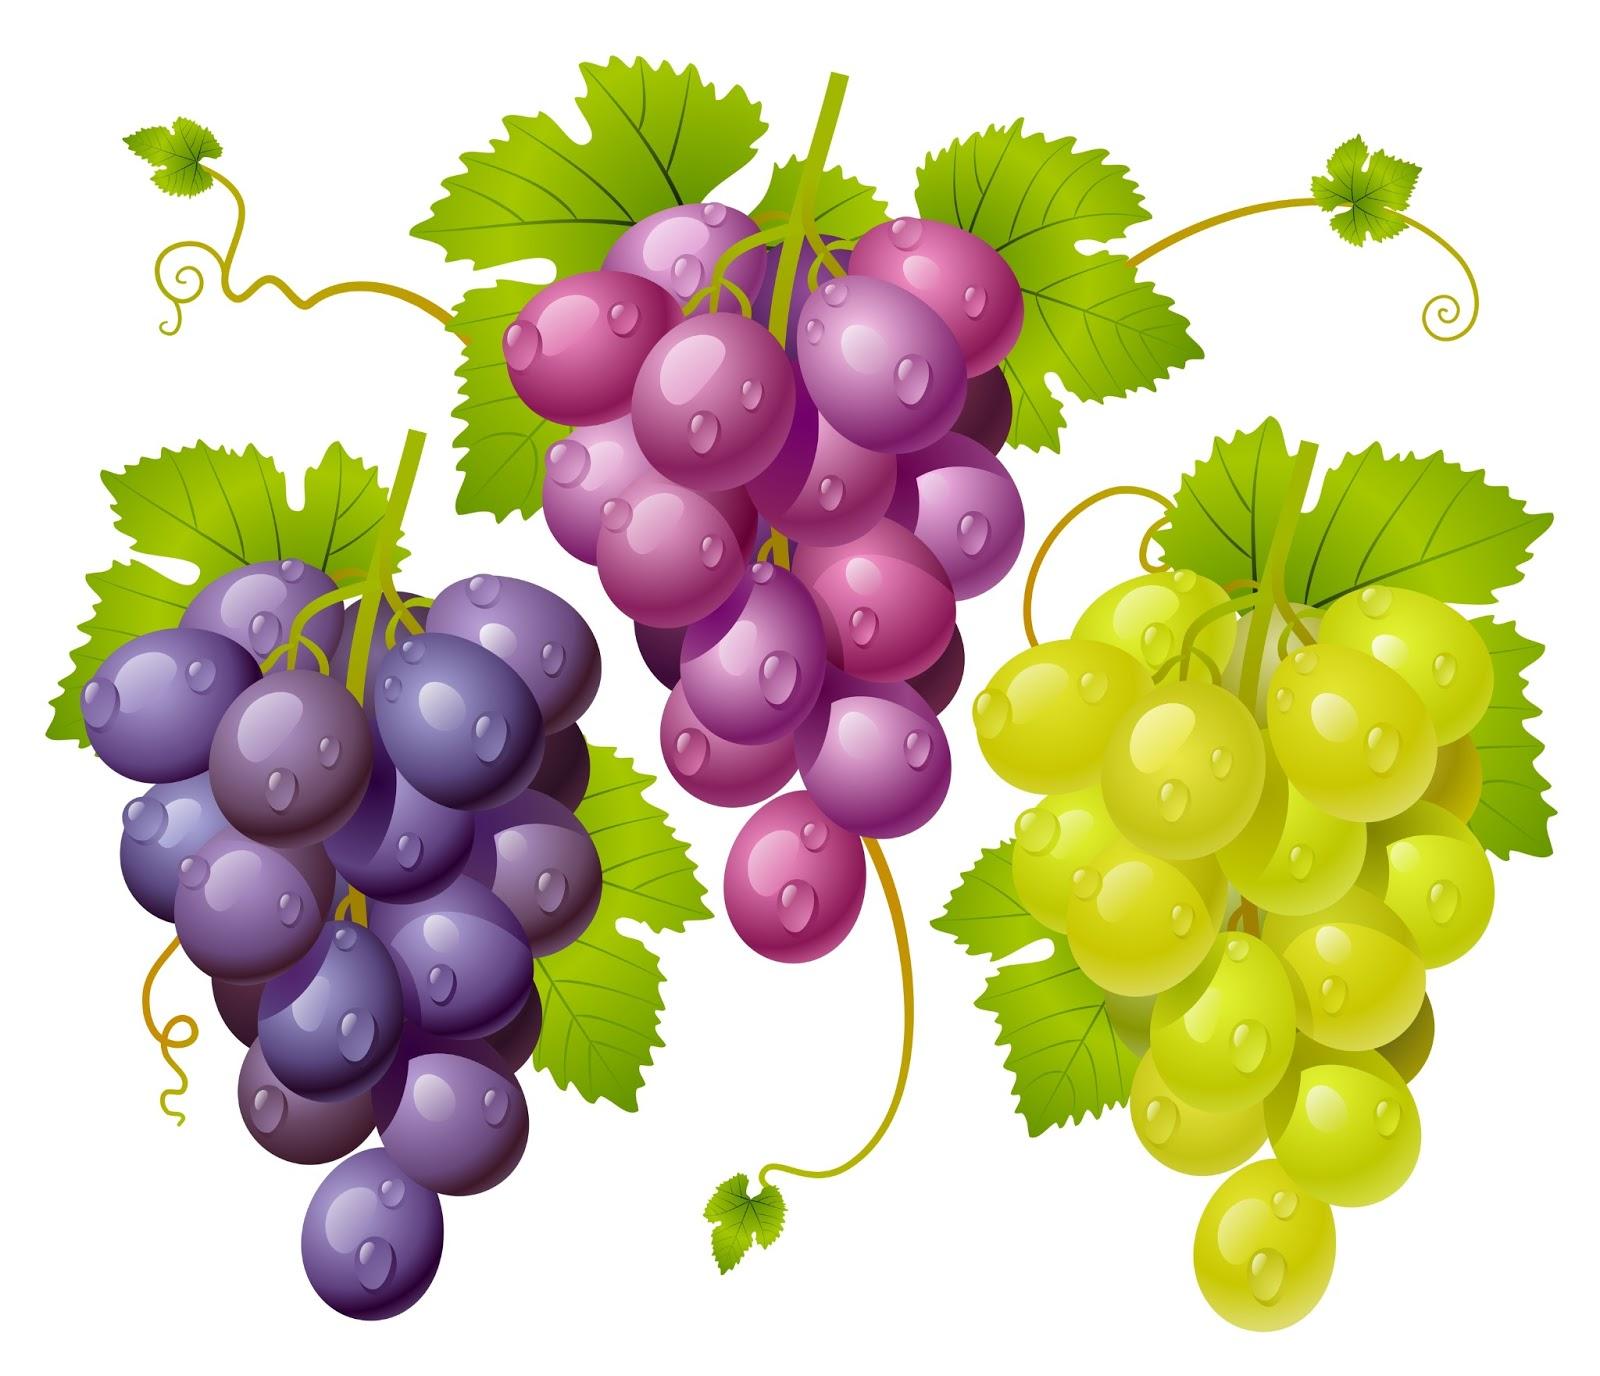 Racimo de uva animadas - Imagui